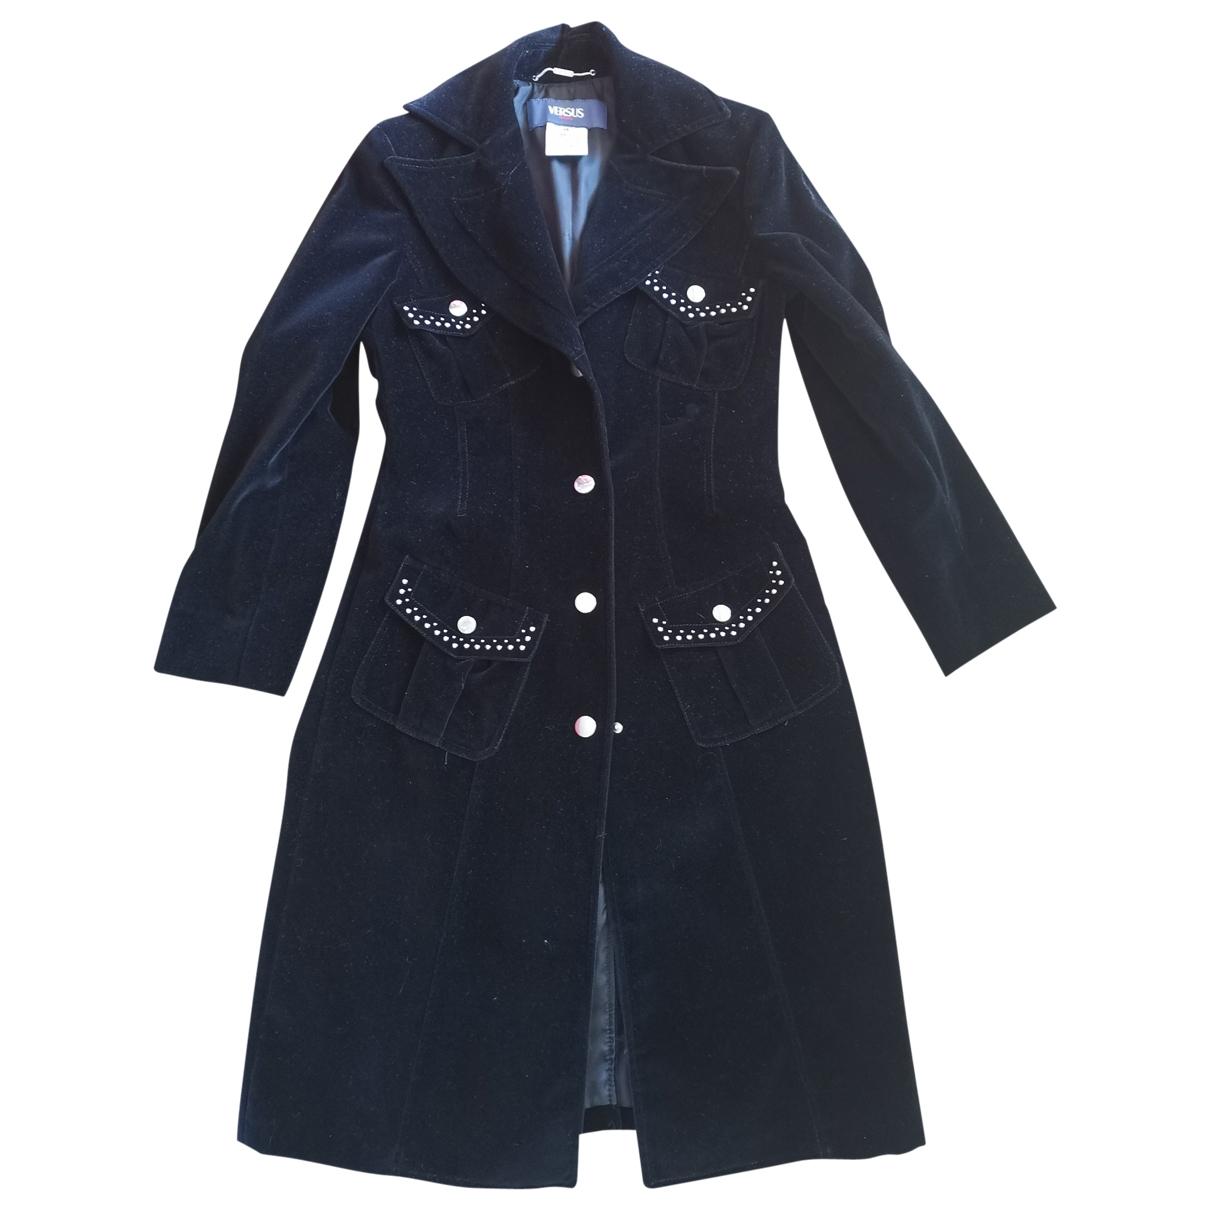 Versus - Manteau   pour femme en coton - noir